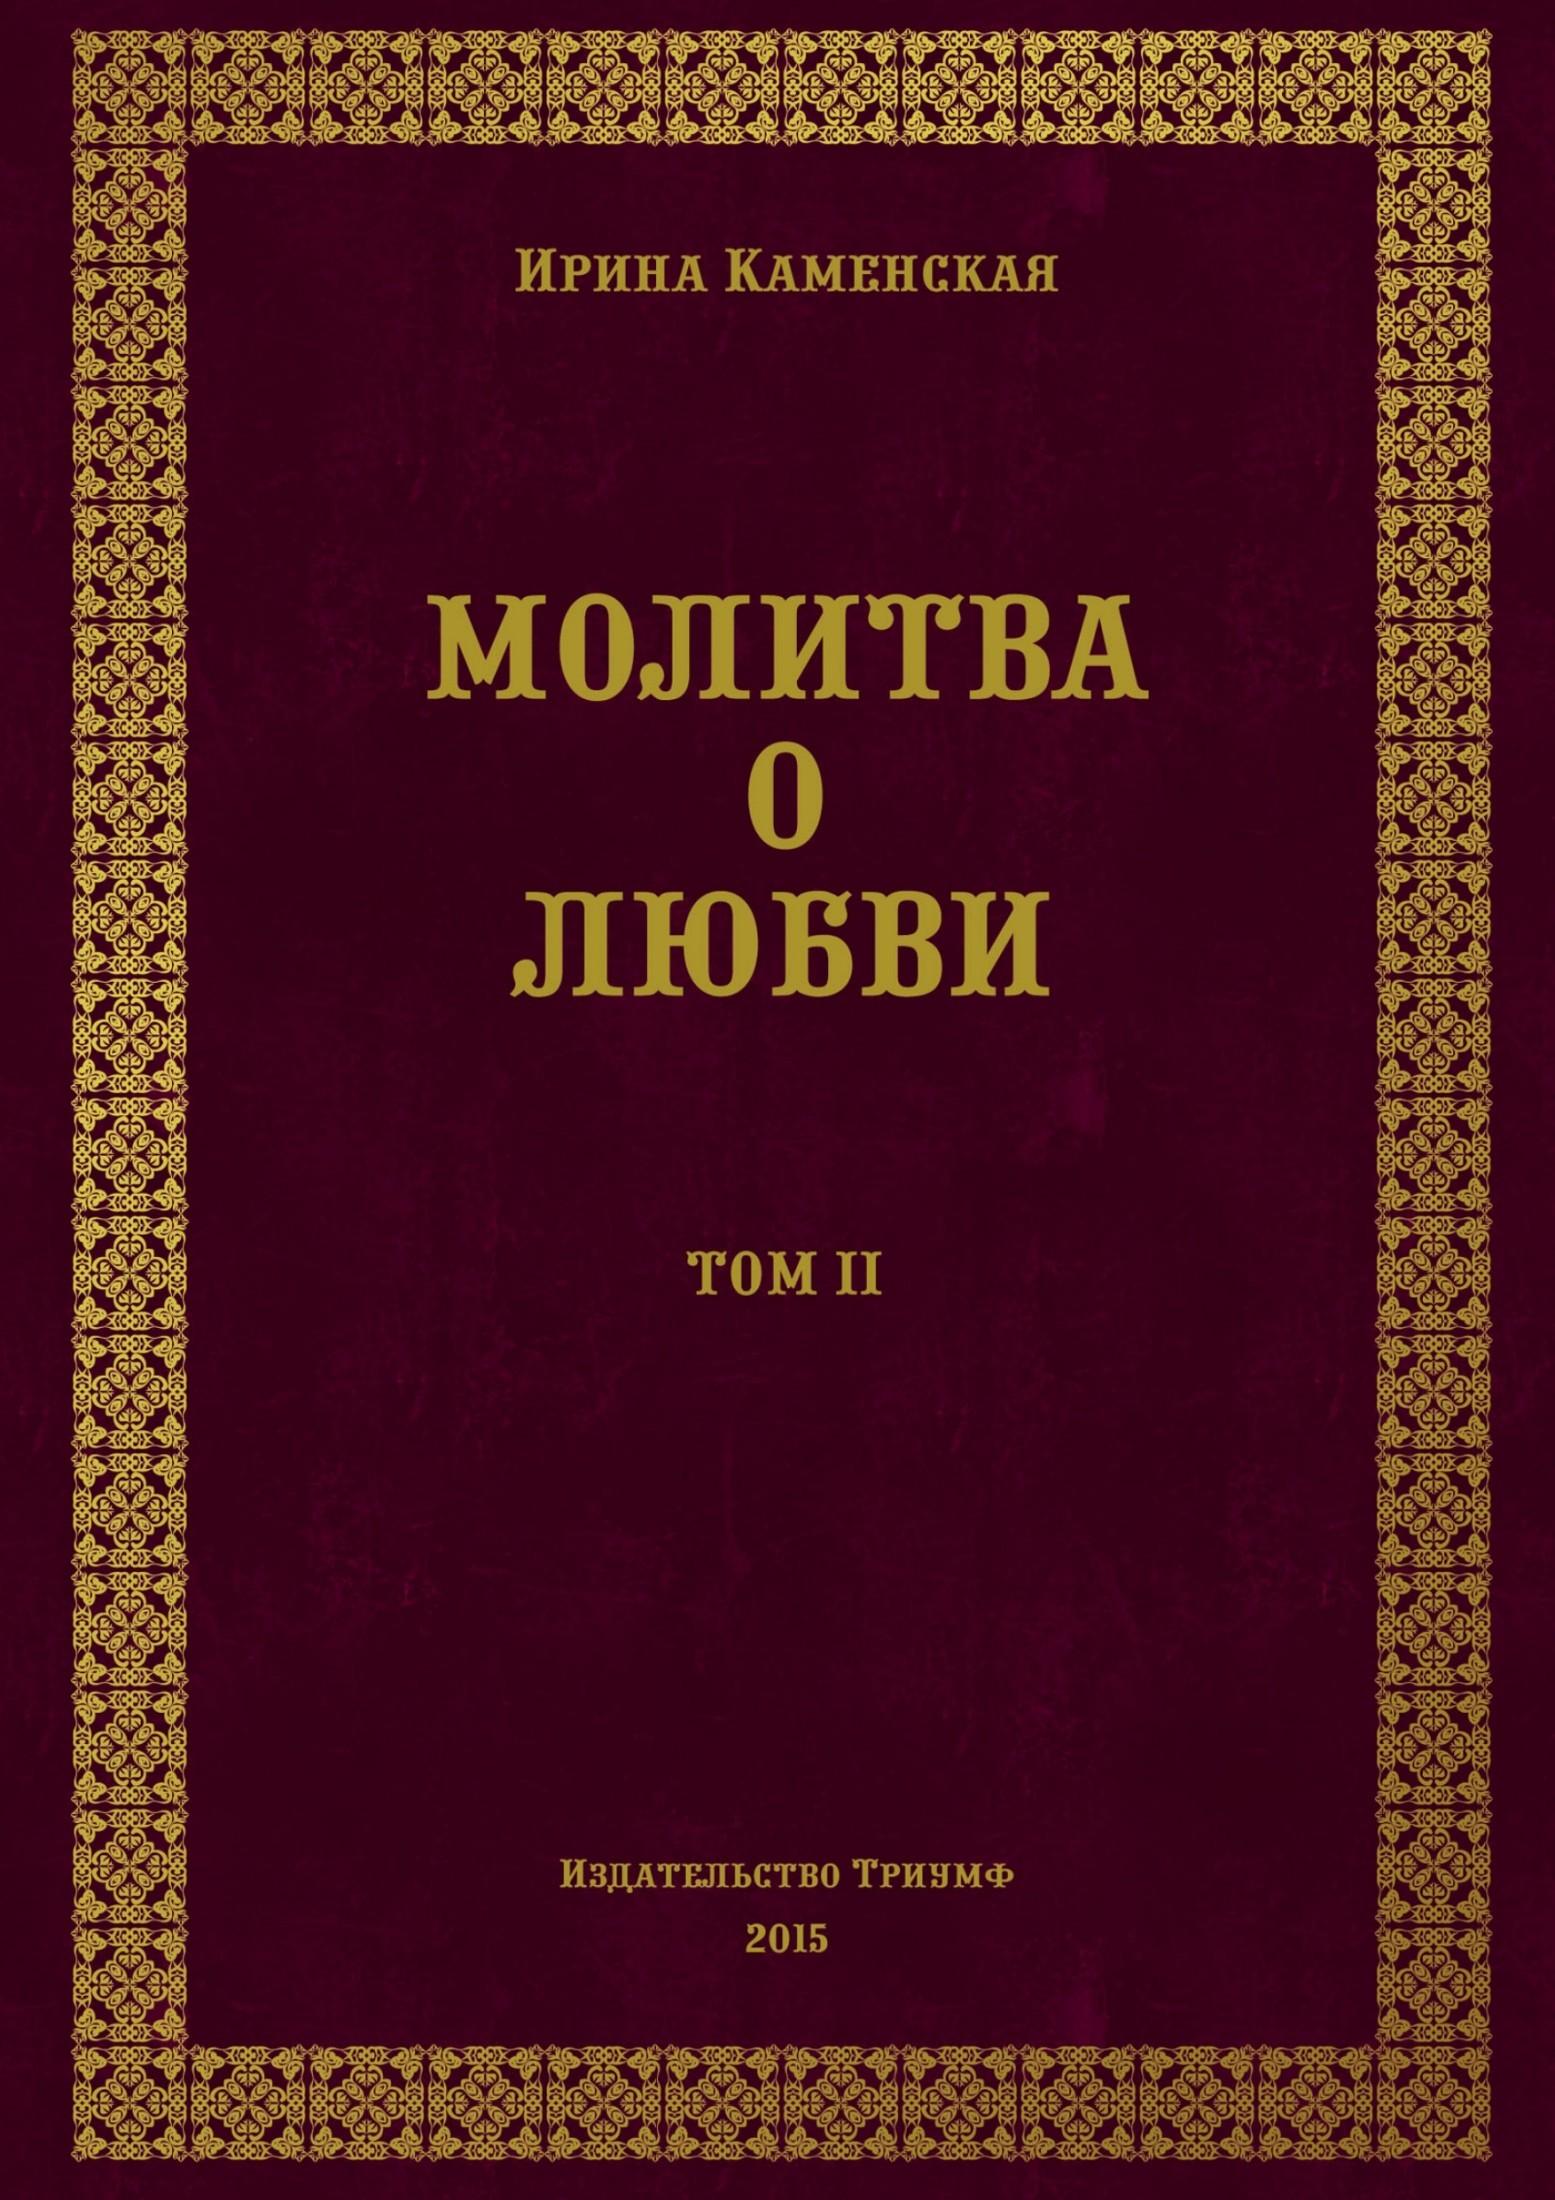 Ирина Борисовна Каменская бесплатно